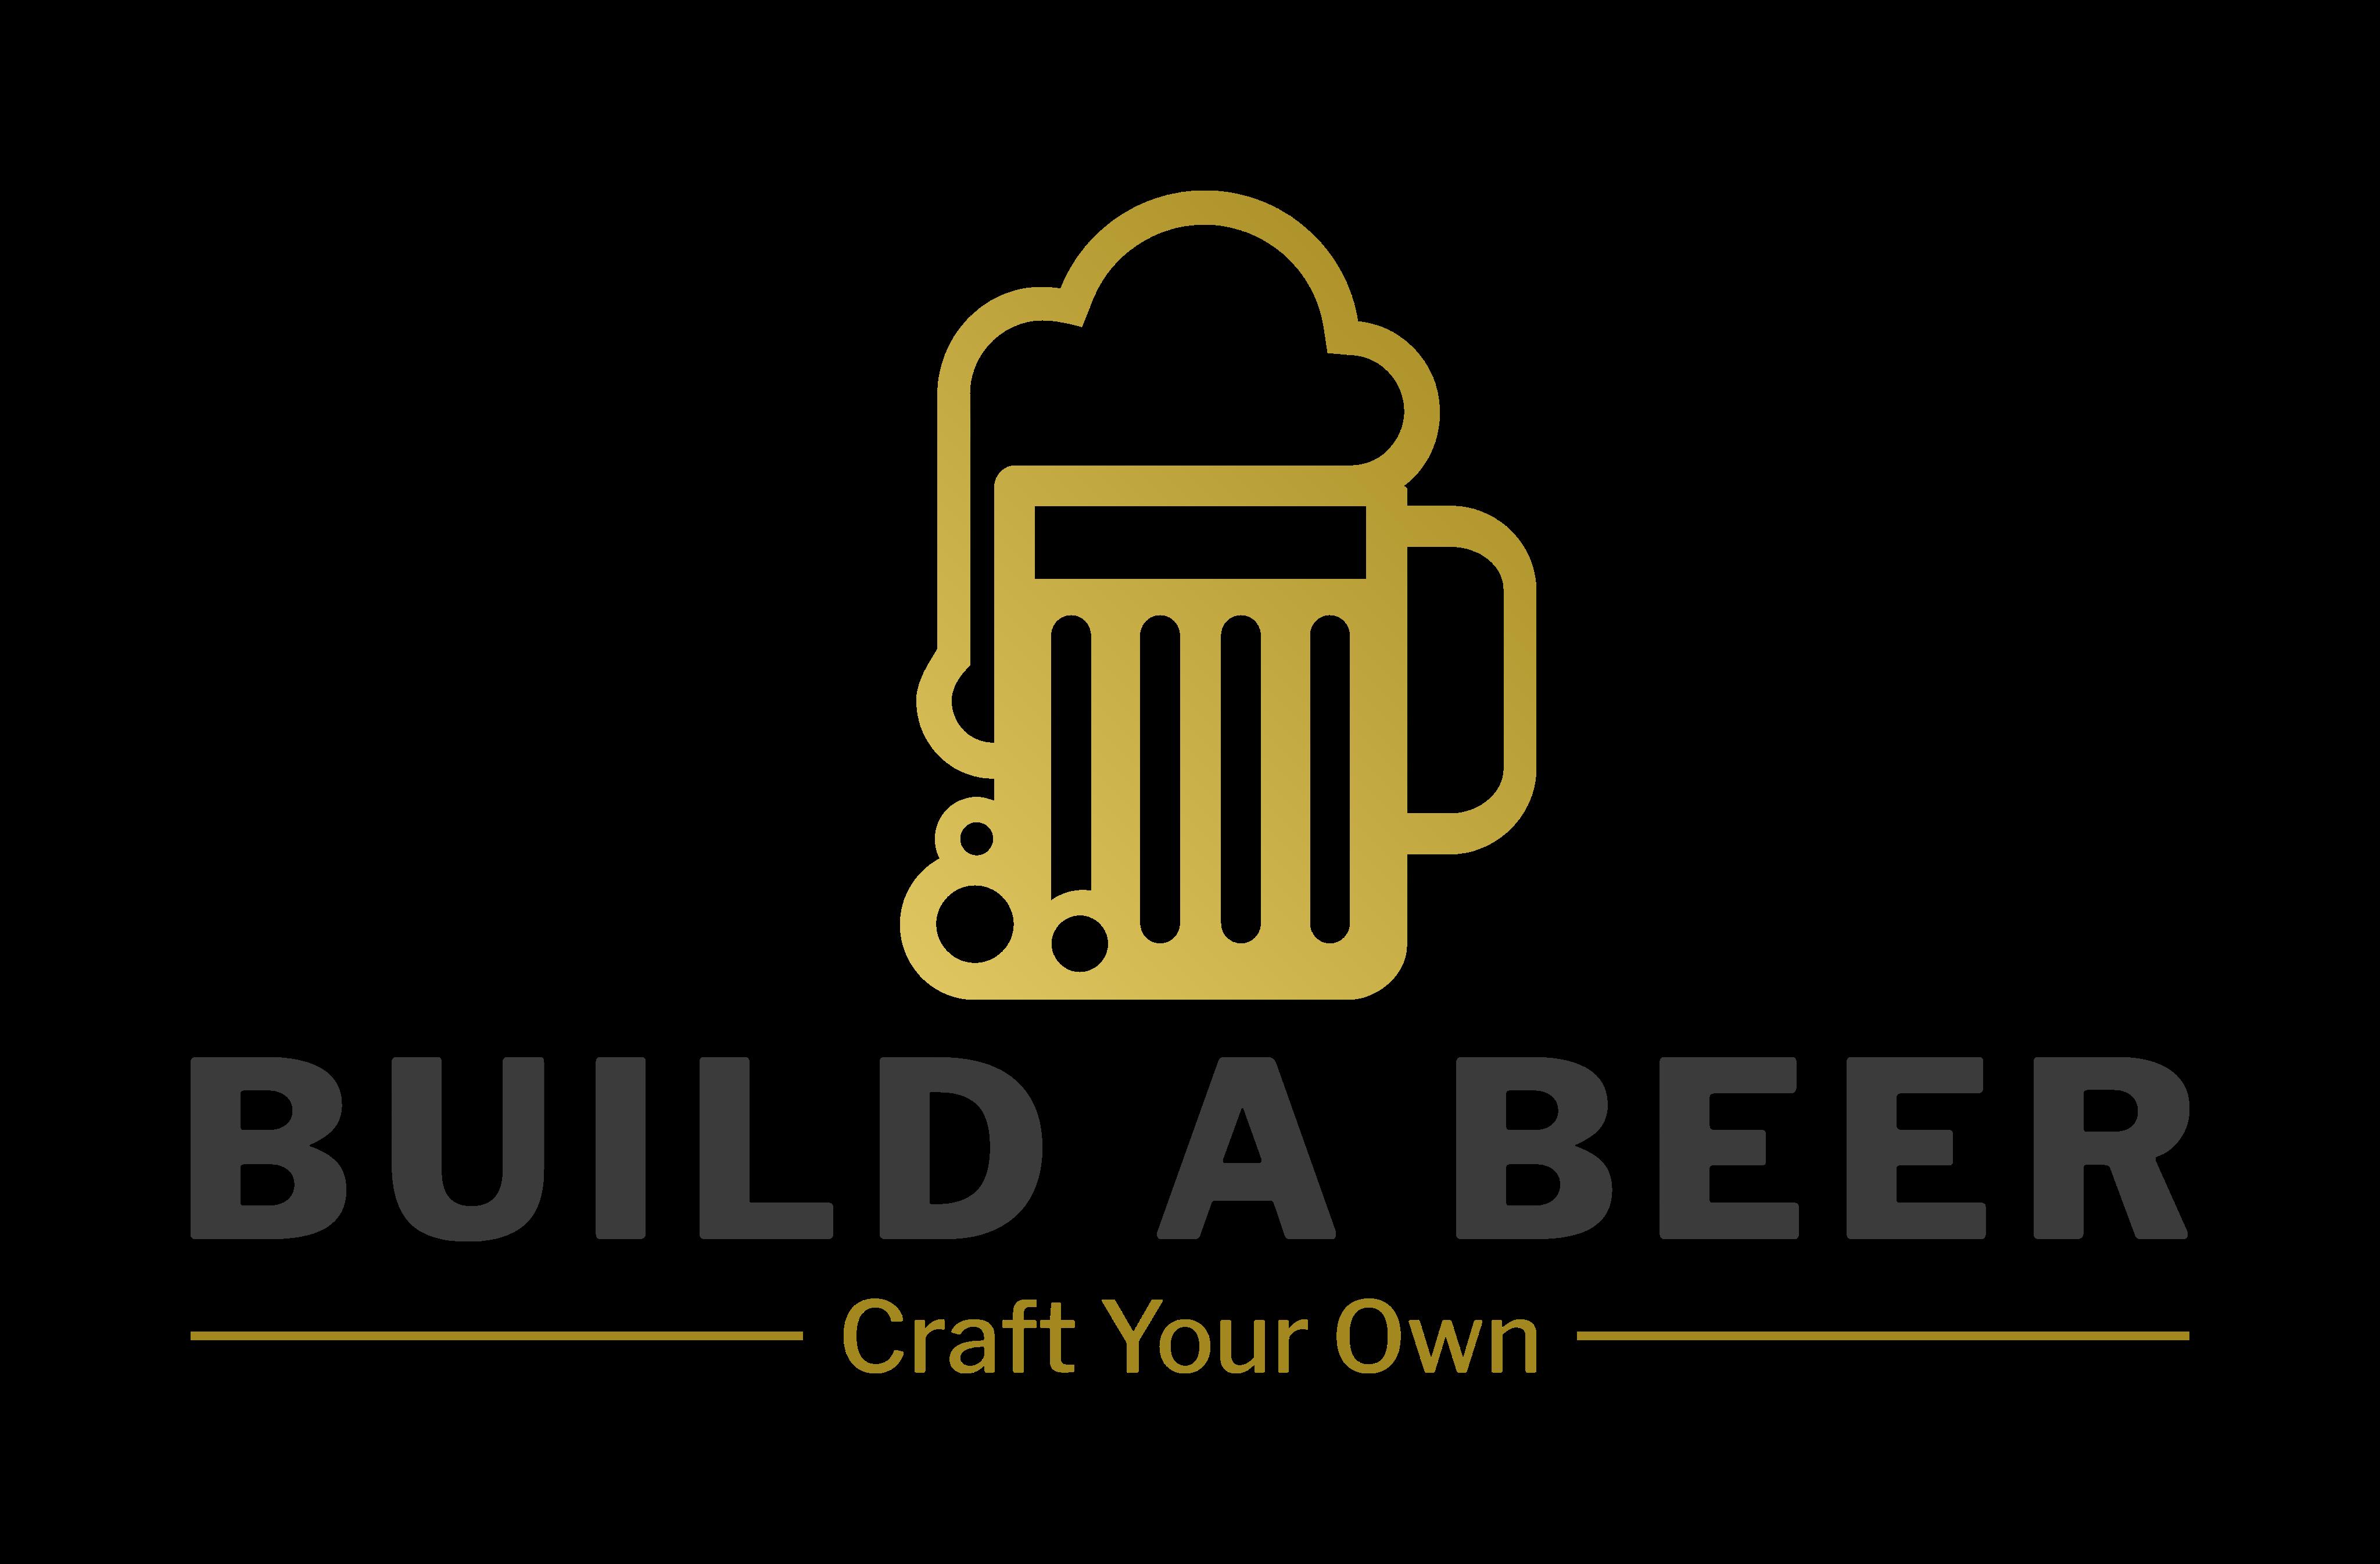 Build A Beer